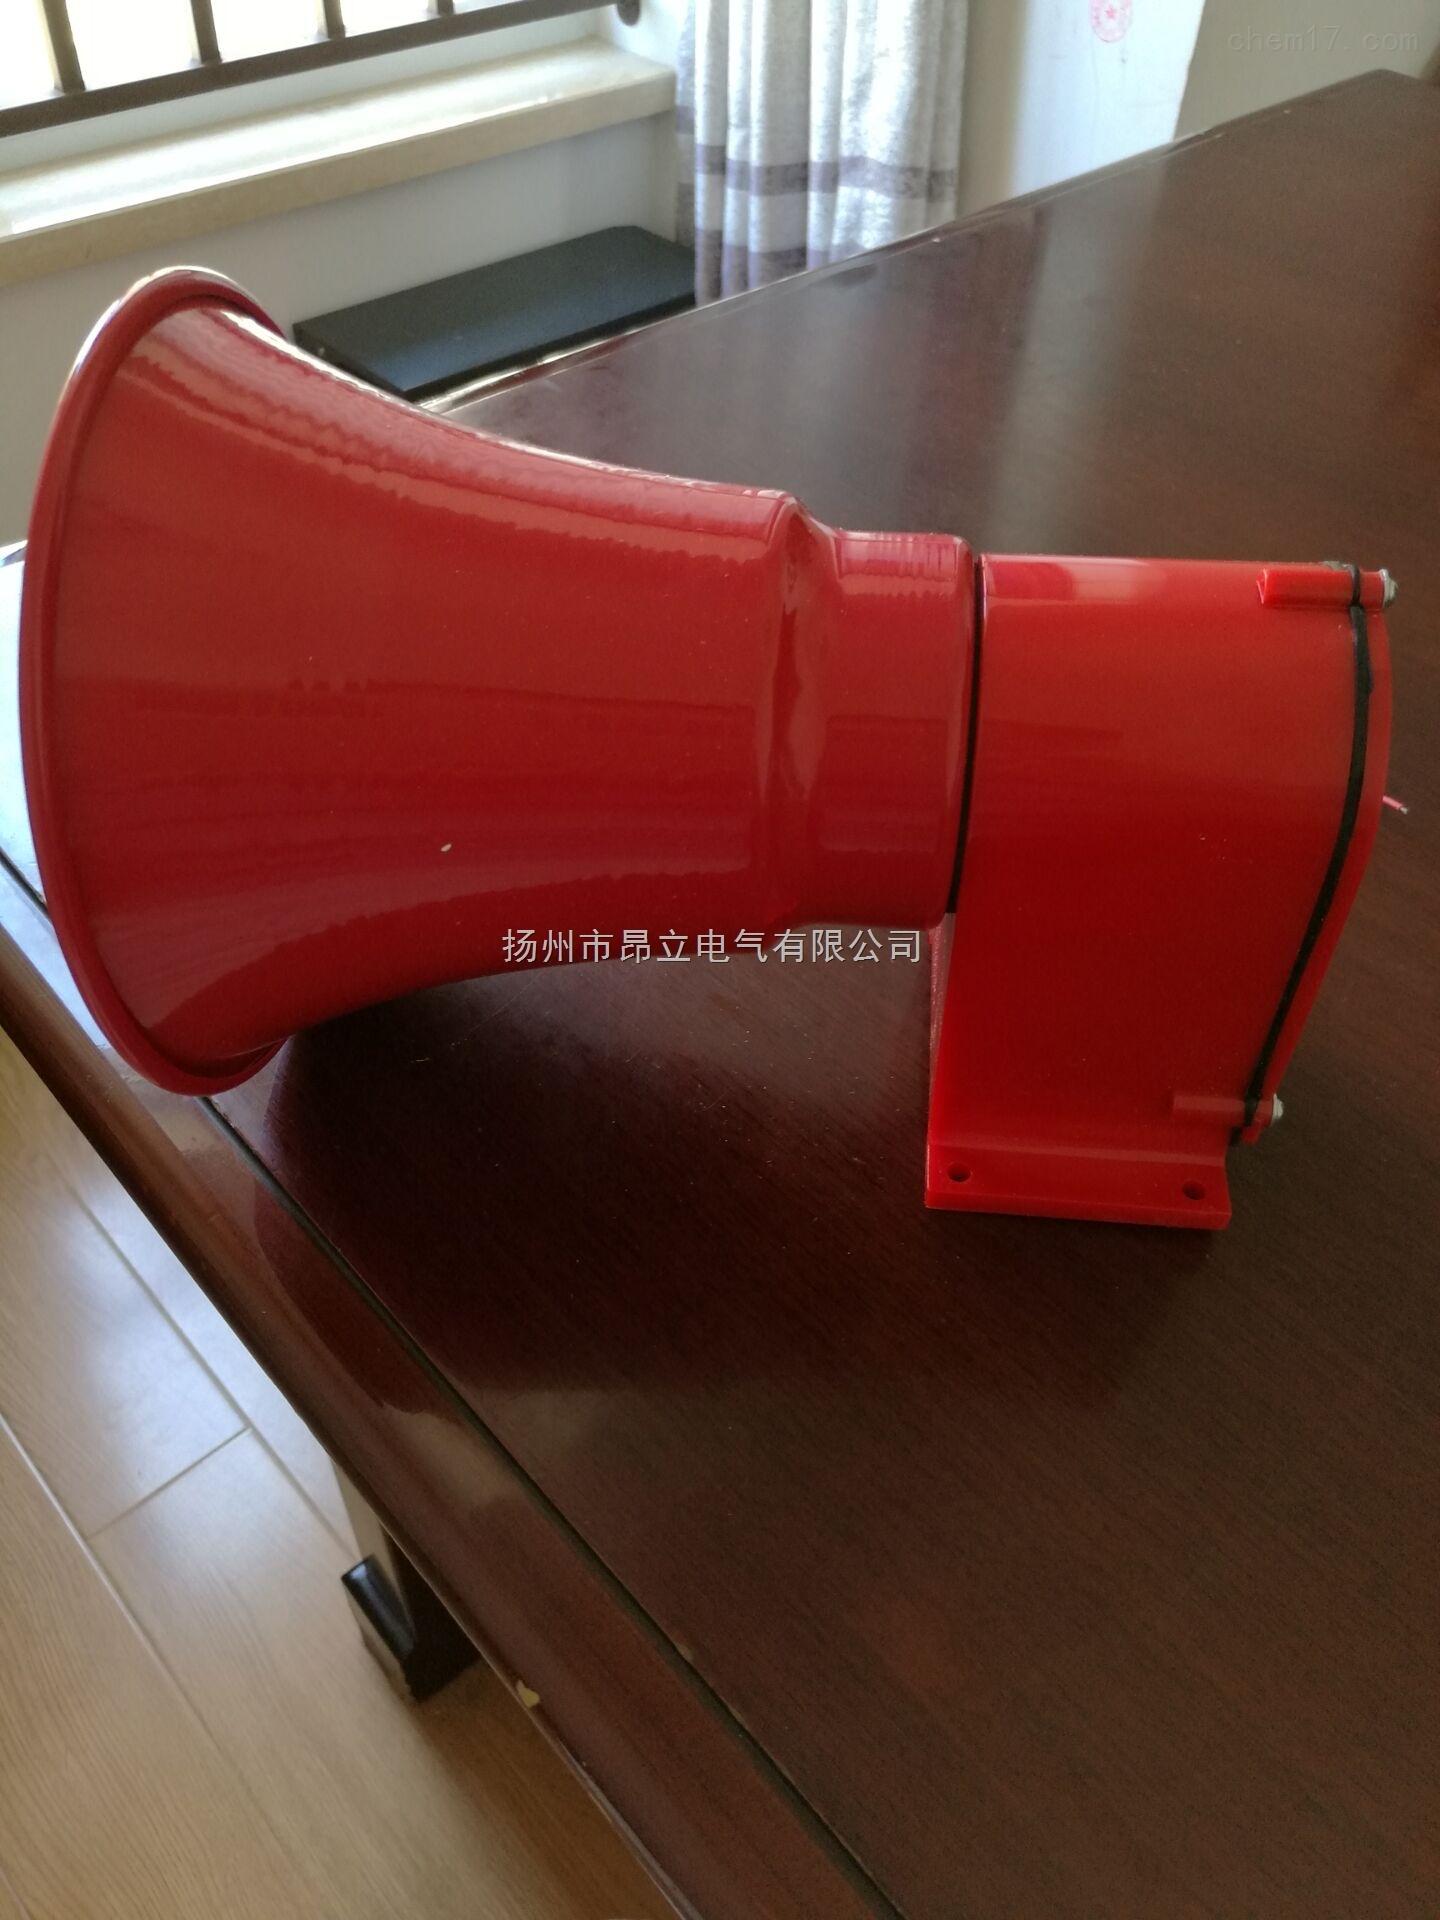 邗江区DJ-5设备报警器/电子报警器喇叭生产厂家